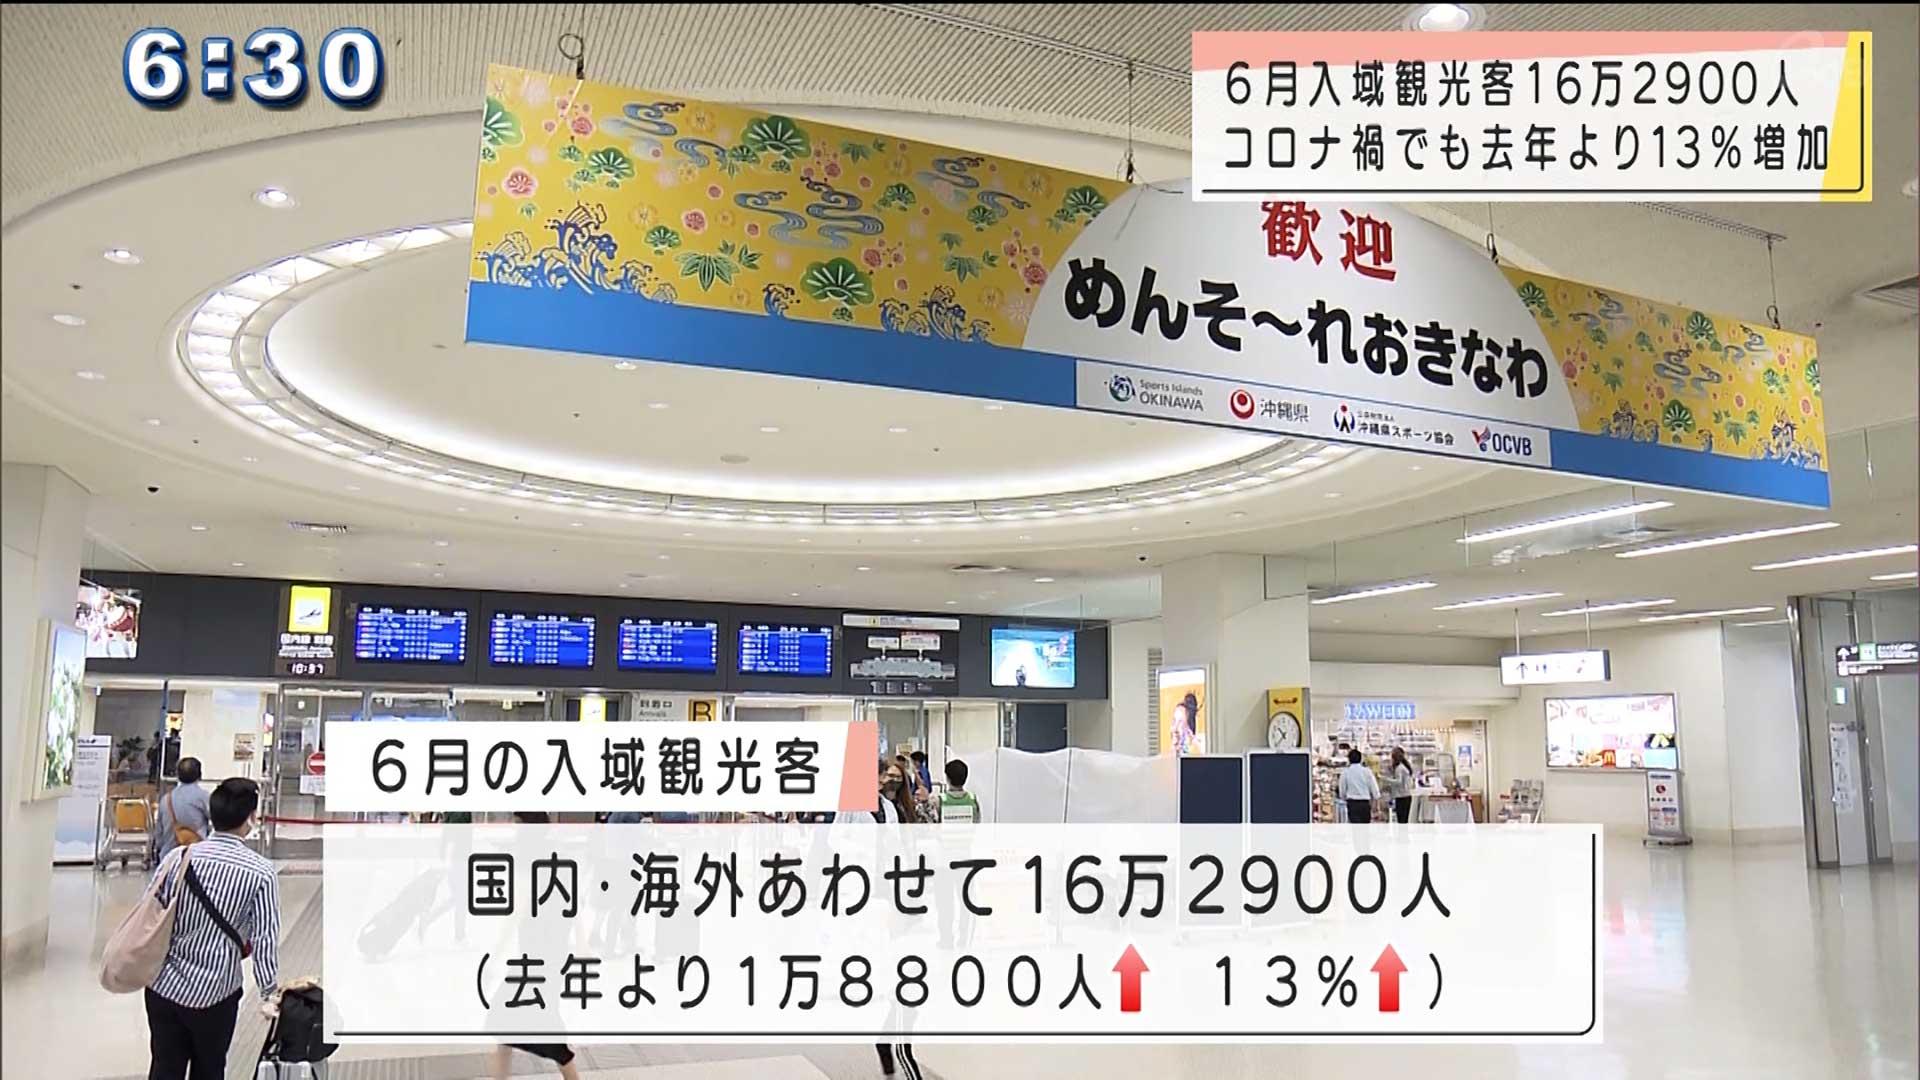 6月観光客16万2900人で去年比13%増